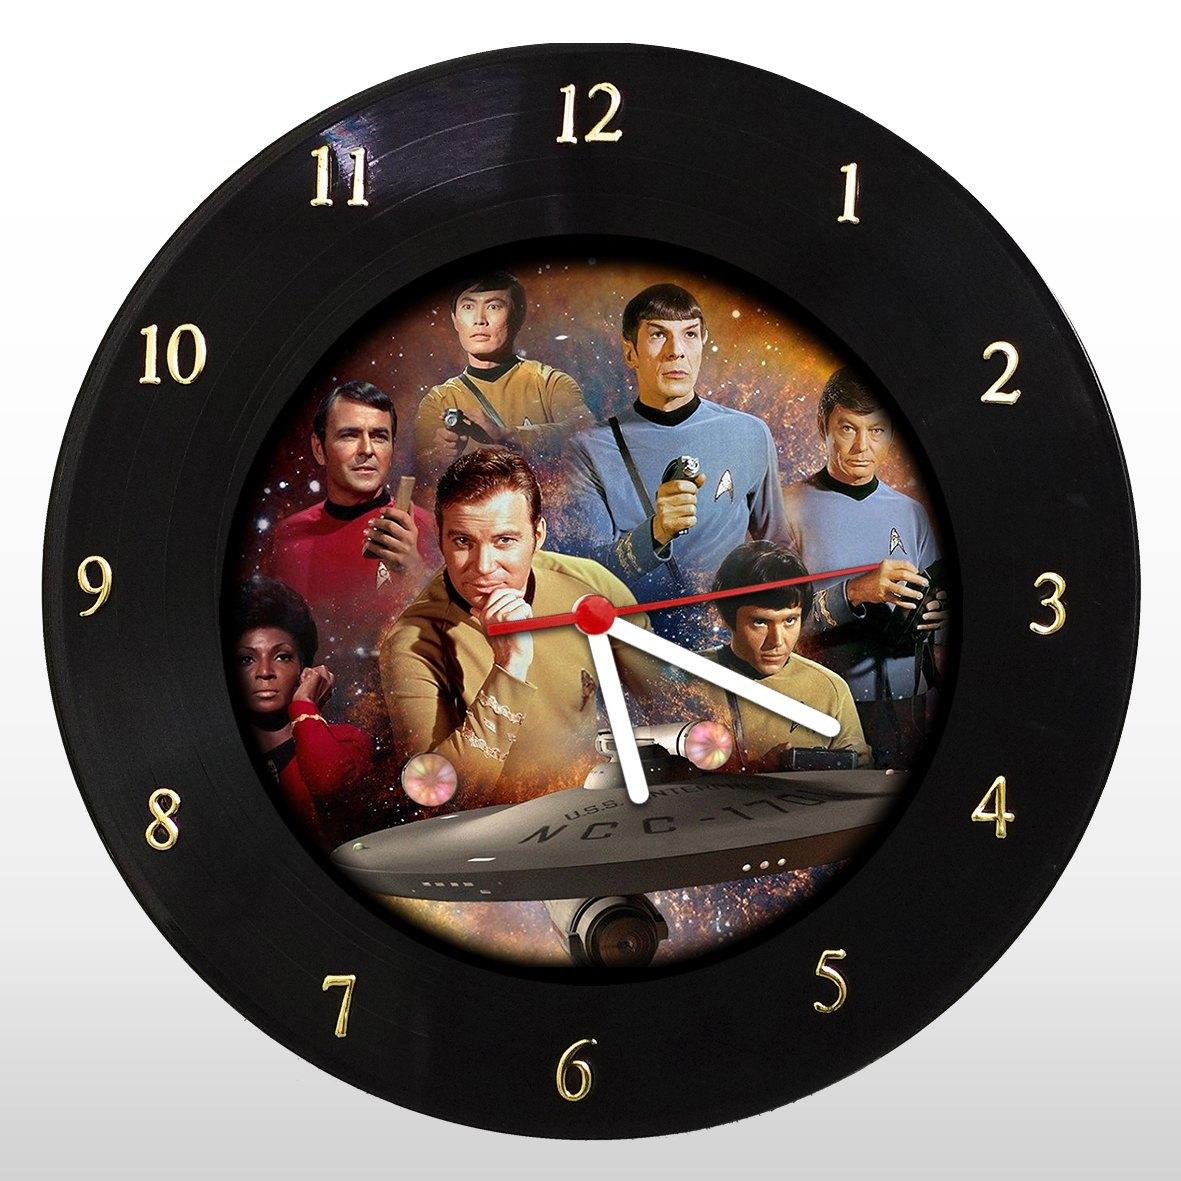 Star Trek - Jornada Nas Estrelas - Relógio de Parede em Disco de Vinil - Mr. Rock